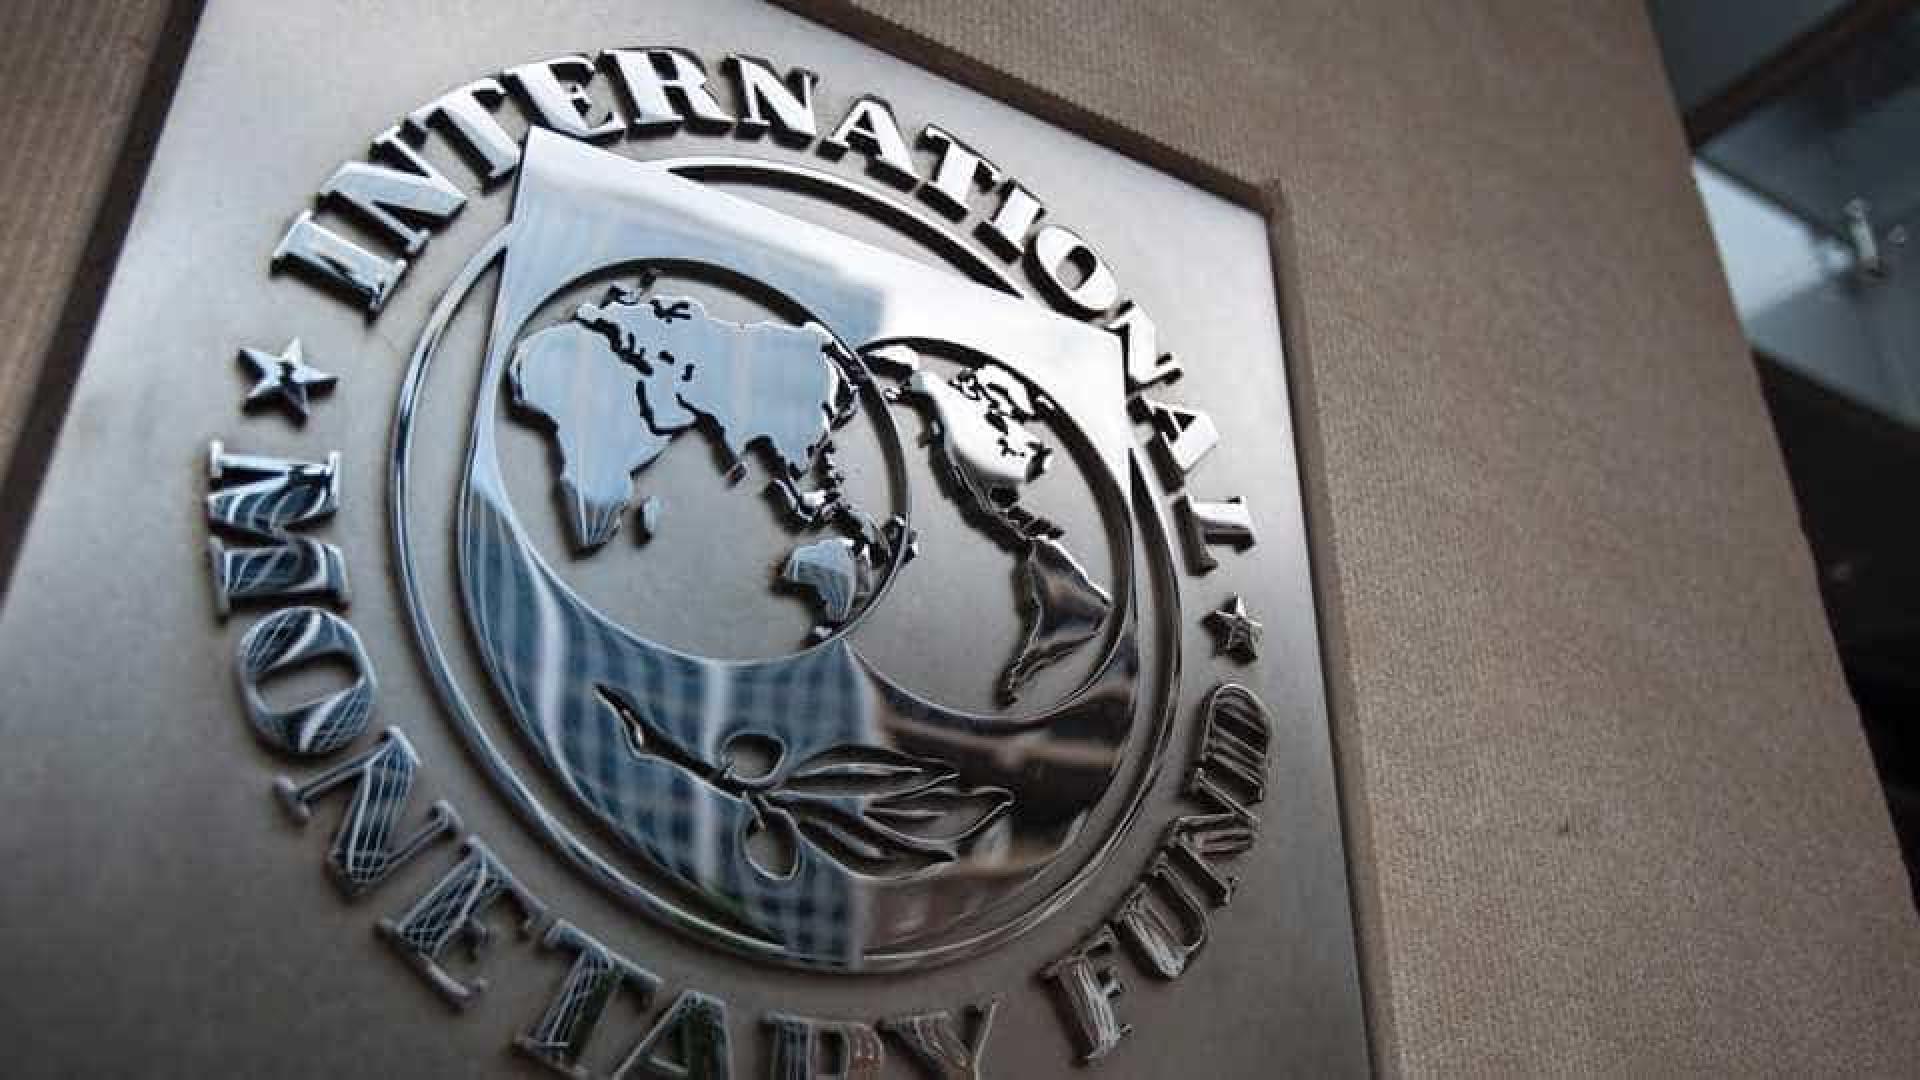 Crise na Argentina ameaça países vizinhos com 'efeito derrame', diz FMI